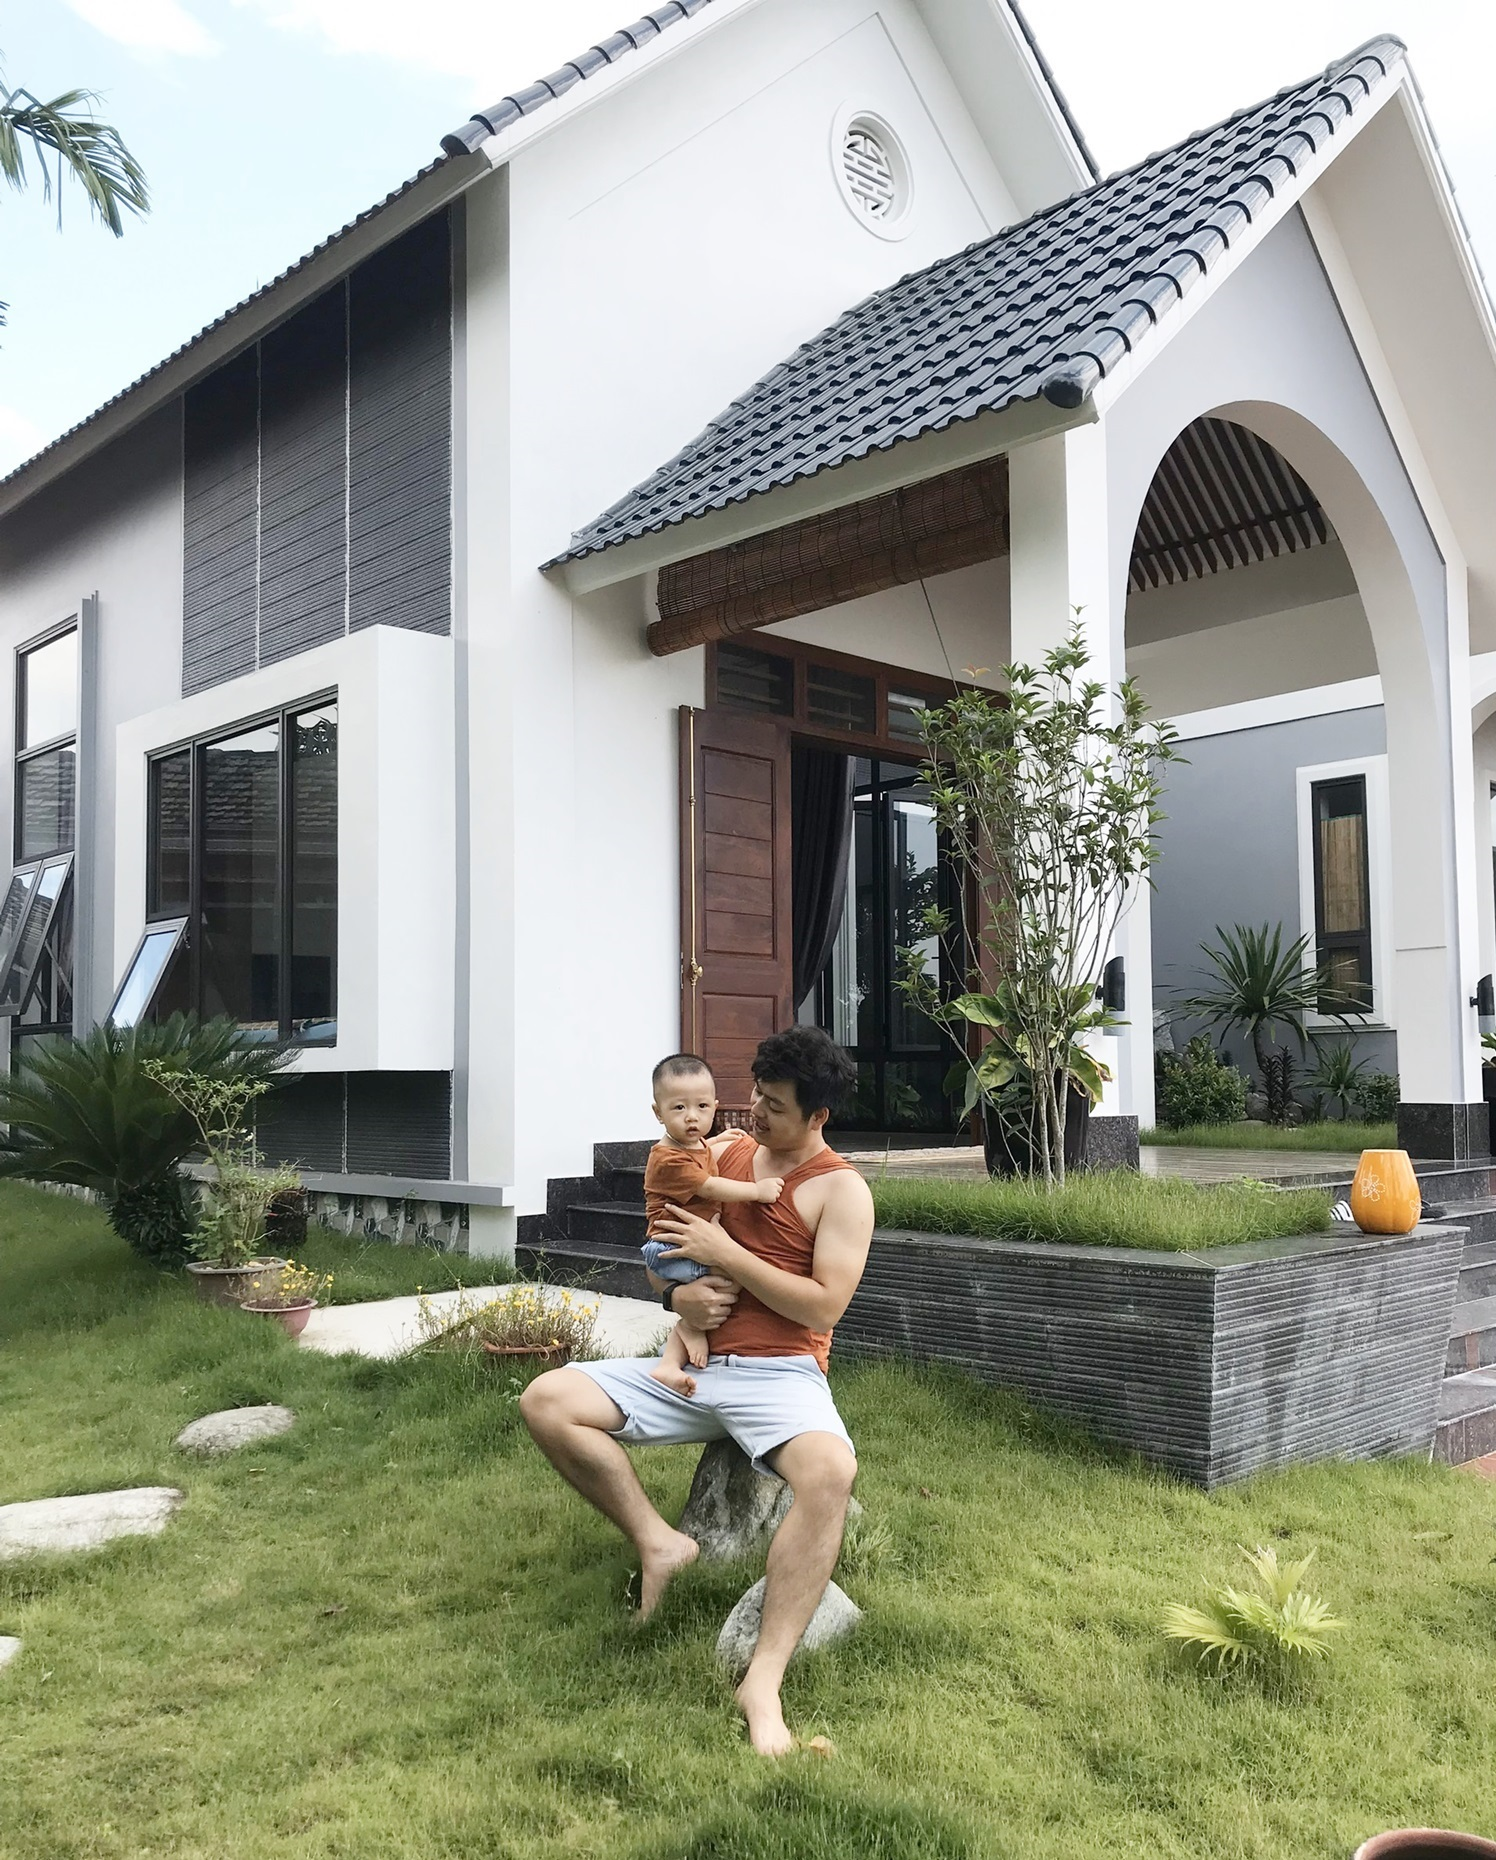 3 15987998998531710431515 - Con trai xây nhà vườn bên đồng lúa xanh mát tặng bố mẹ an hưởng tuổi già ở Vĩnh Phúc